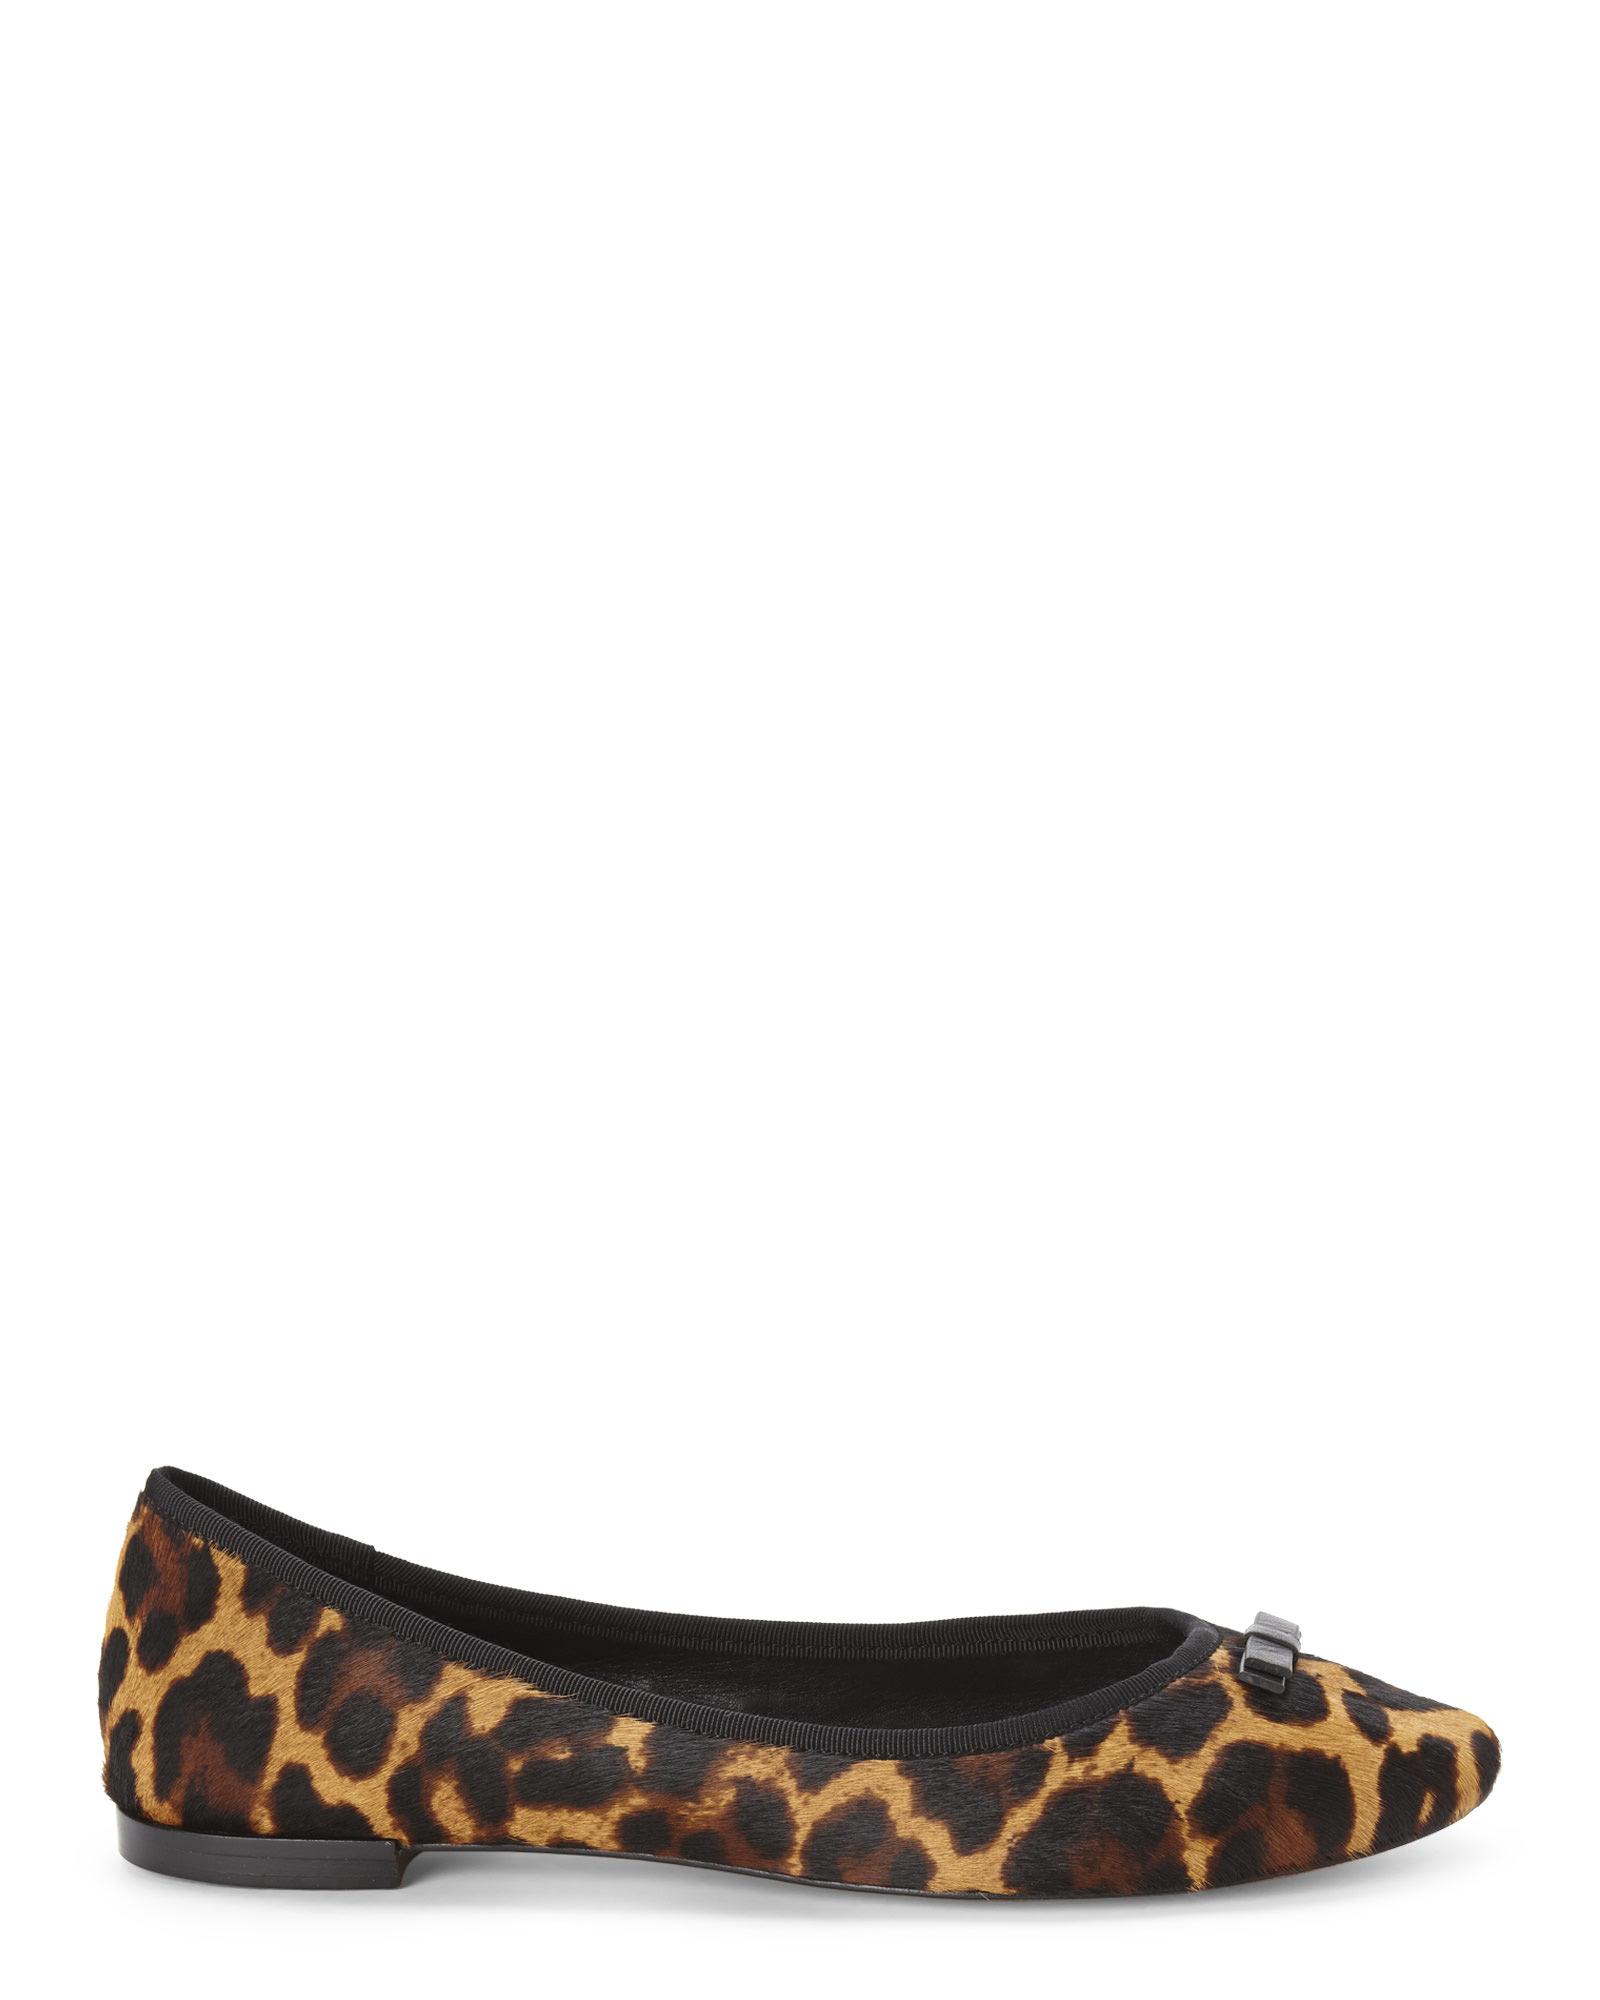 40b61579e0ce Vince Camuto Signature Leopard Print Marion Ballet Flats - Lyst